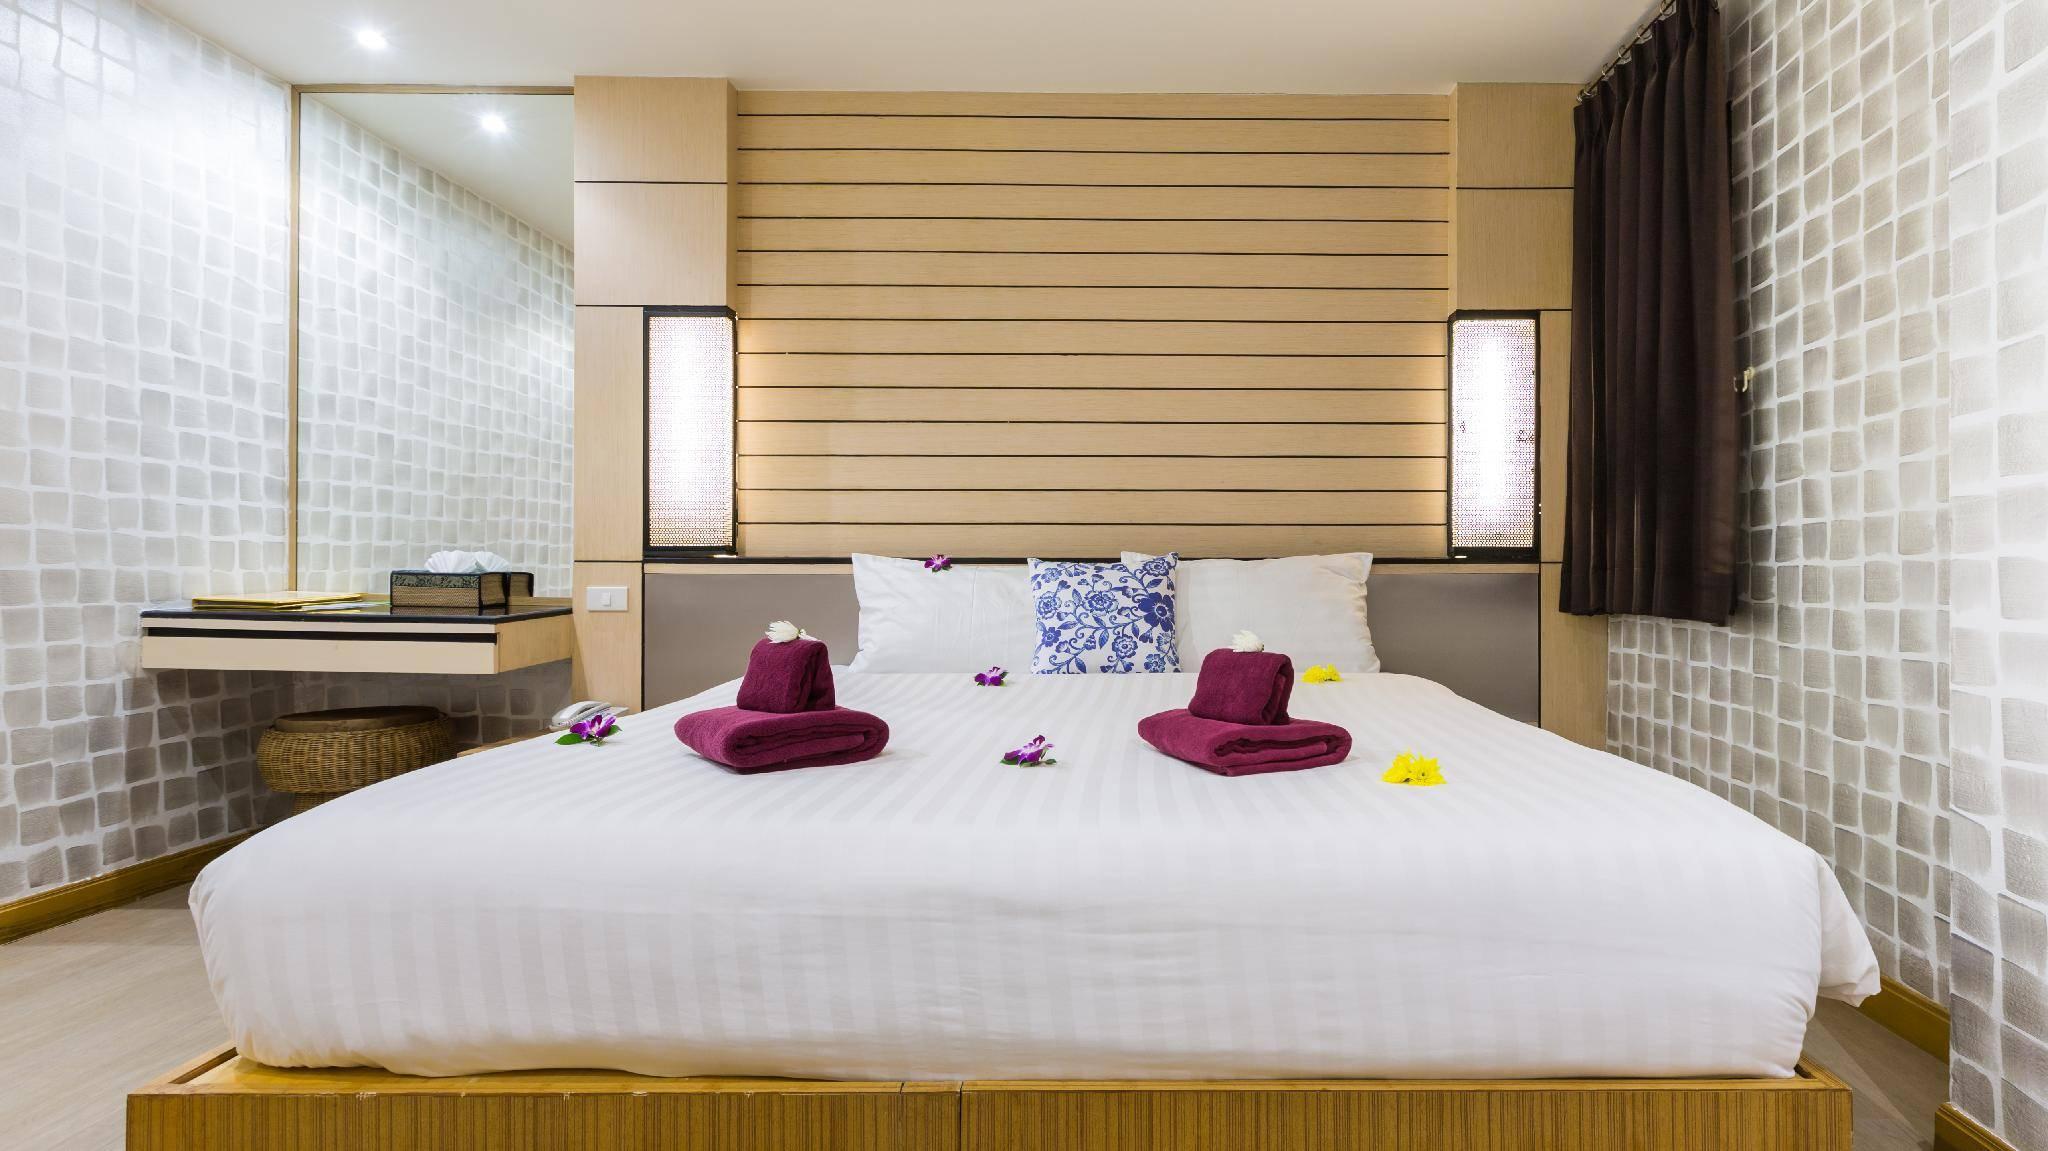 Спальня без окна (46 фото): дизайн интерьера глухой спальни, вентиляция темной комнаты, отзывы